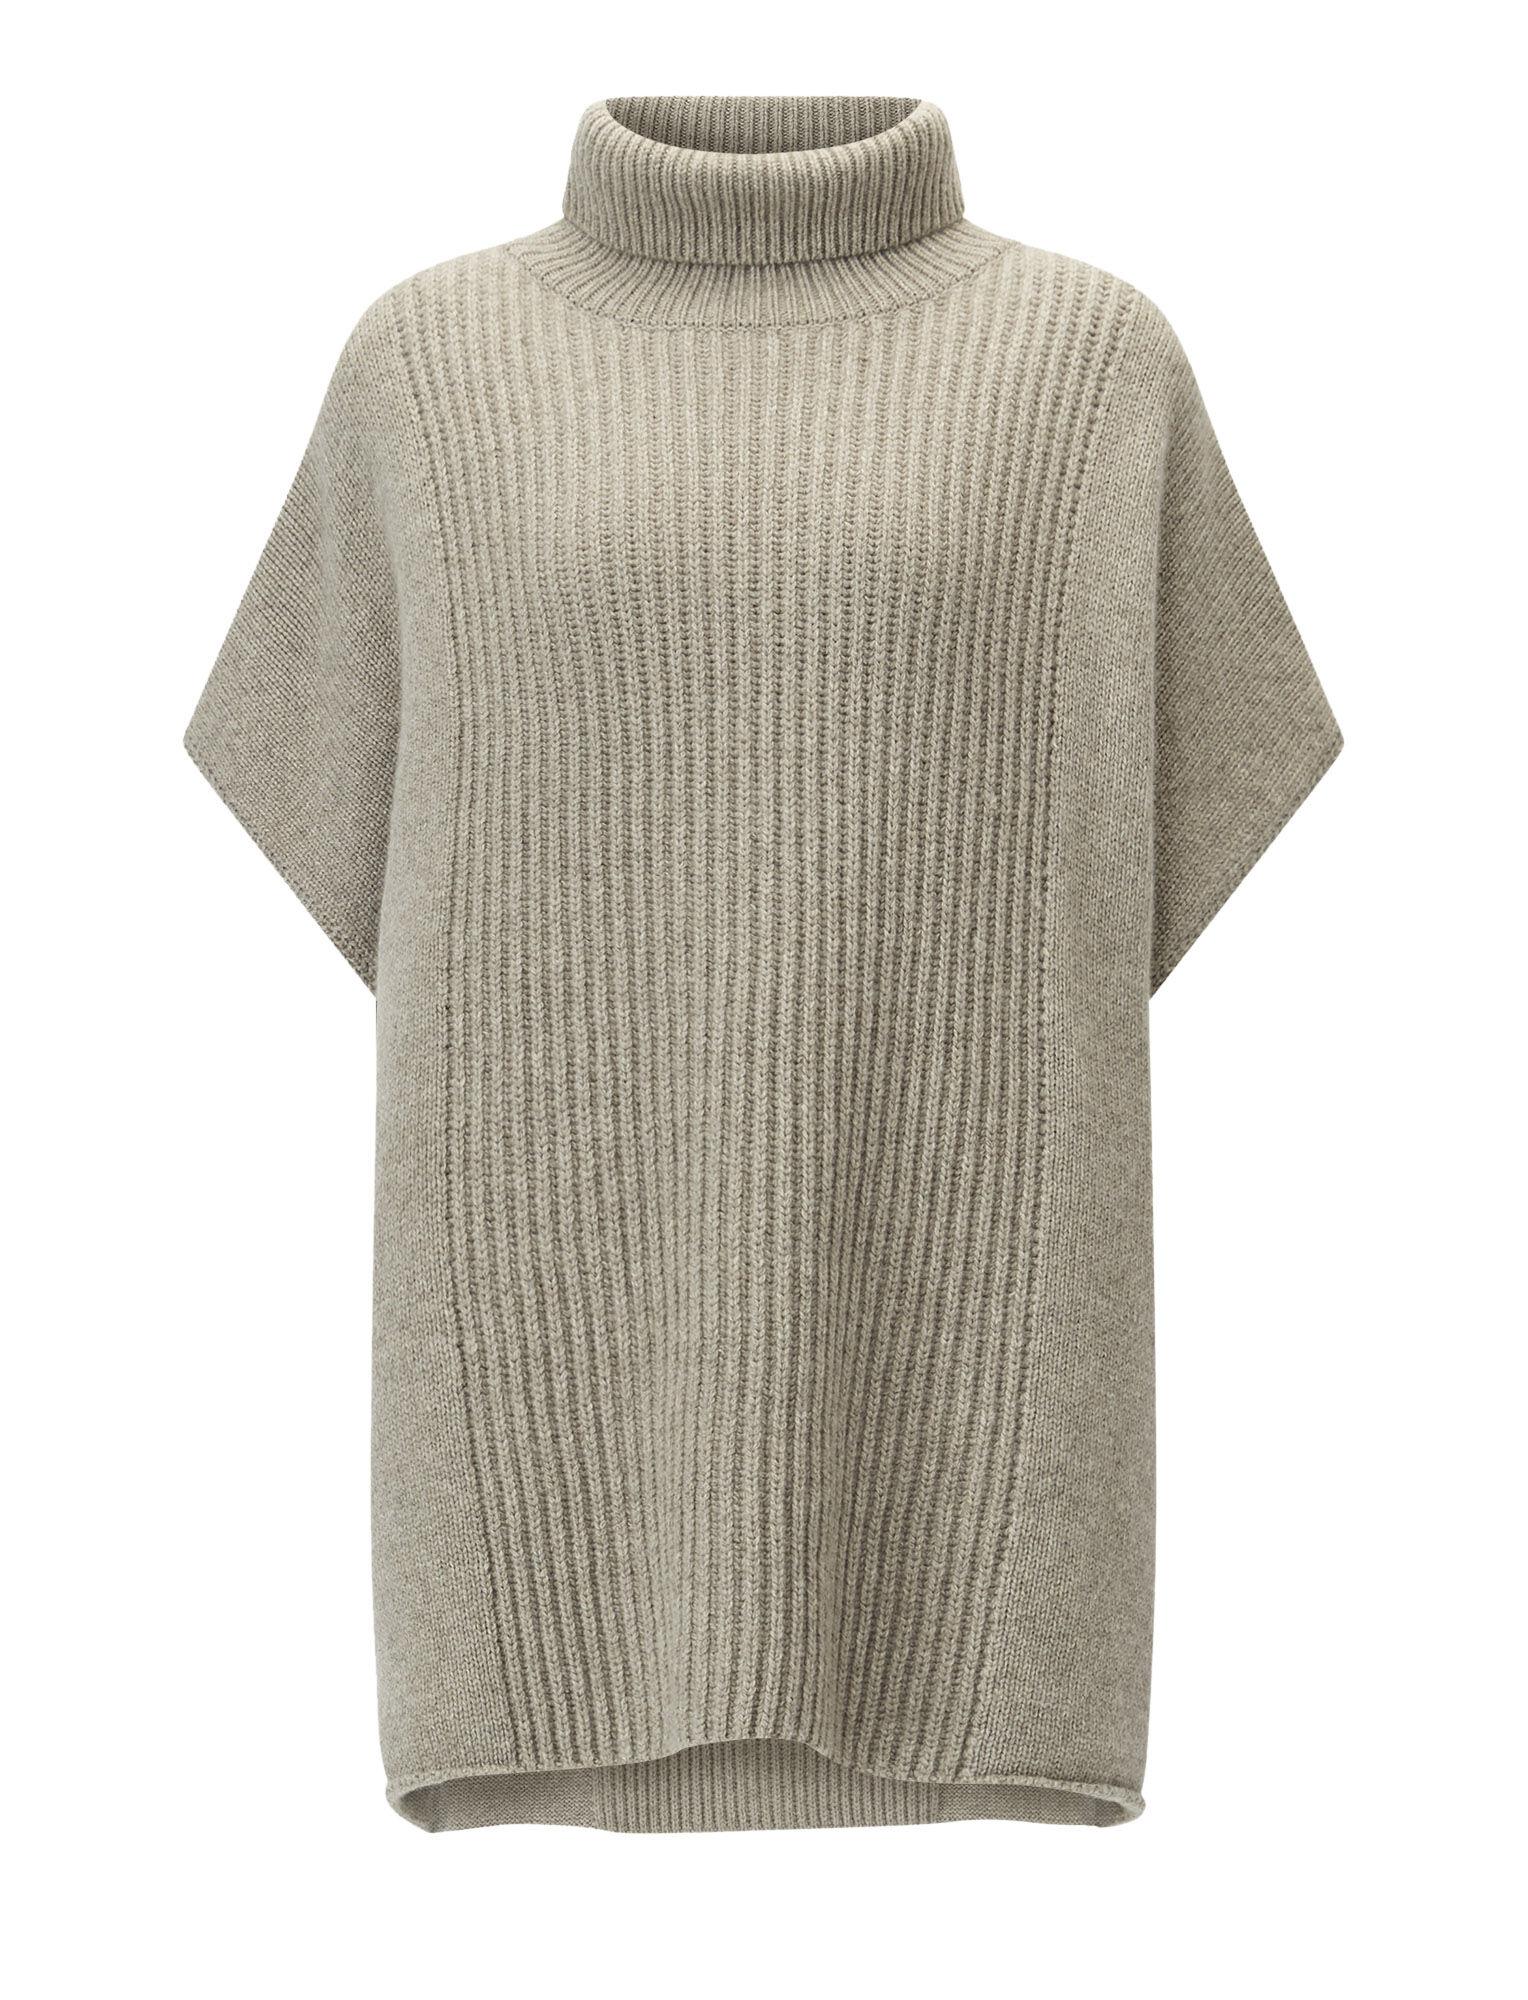 Joseph, Poncho en tricot de cachemire luxe, in QUARTZ